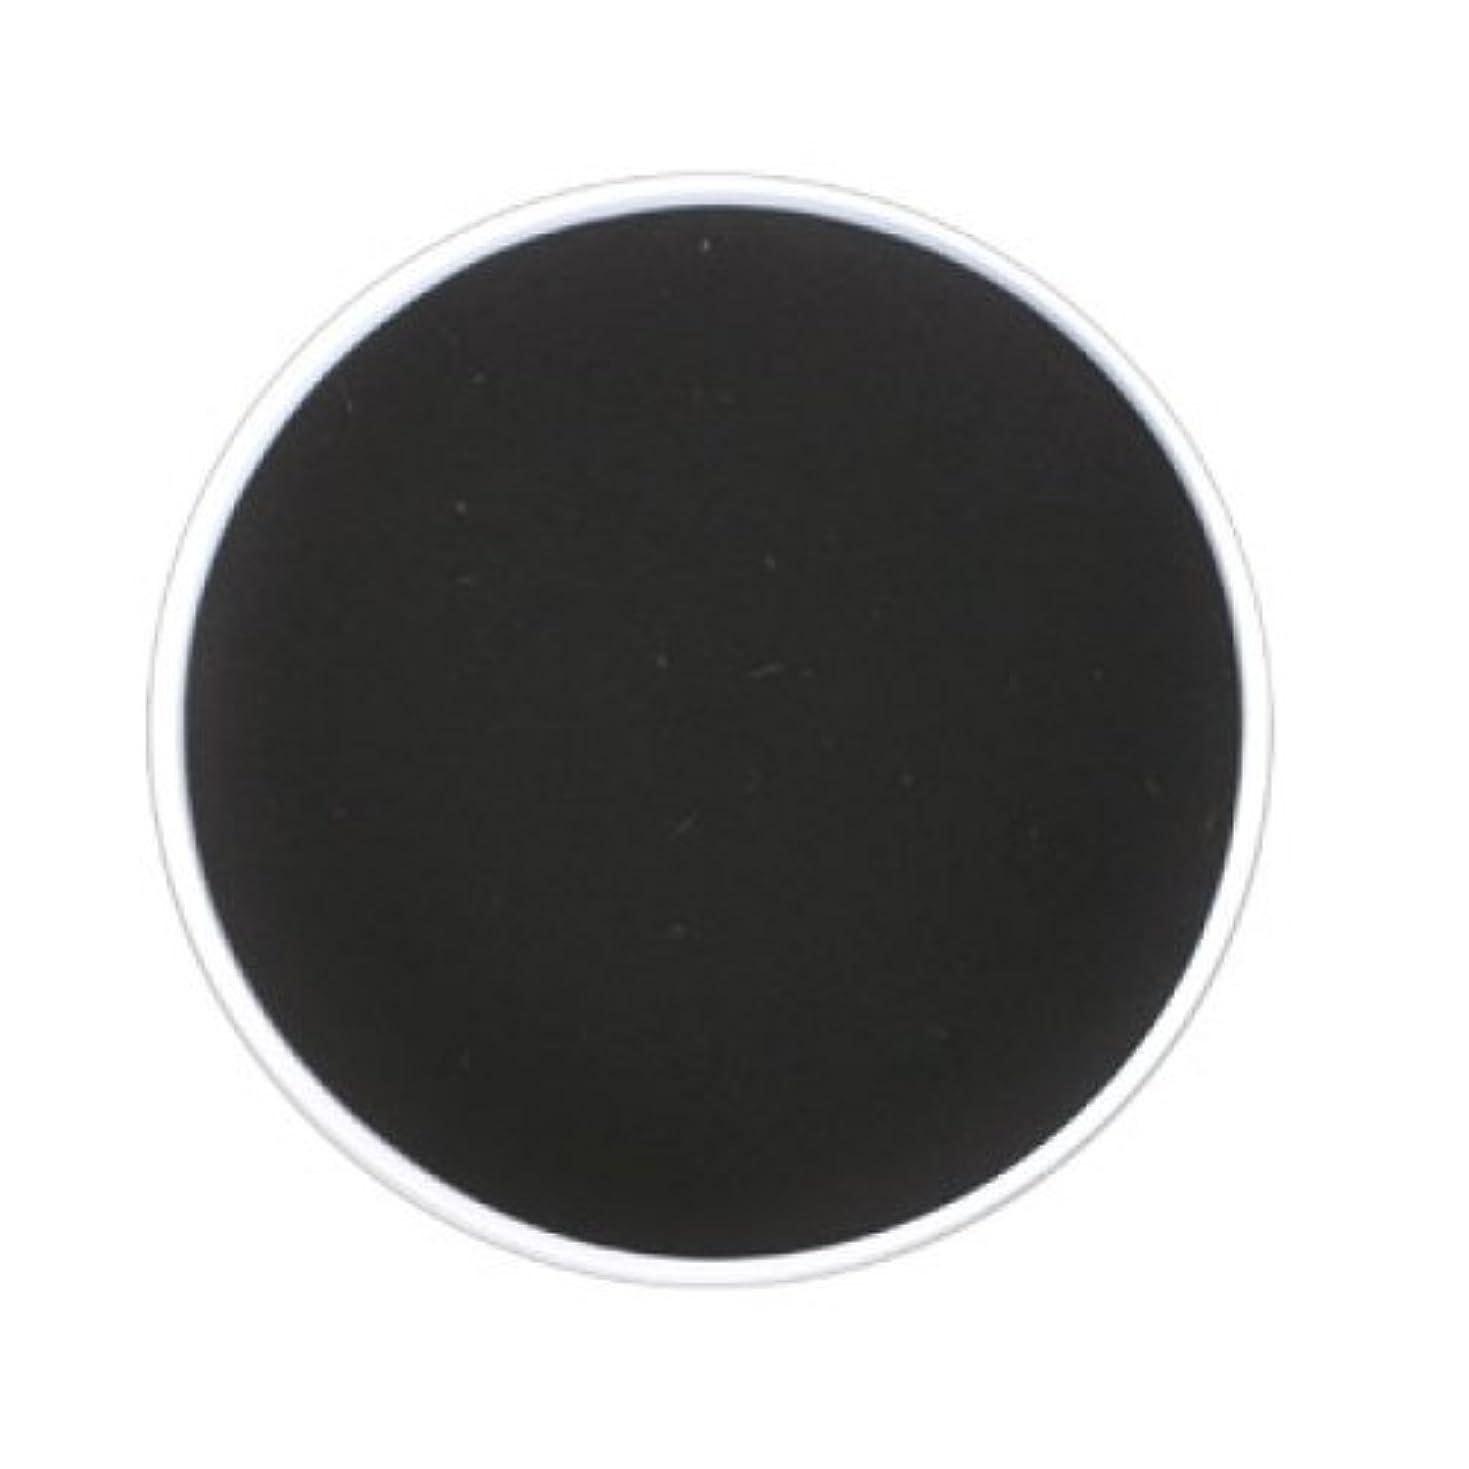 船形マンハッタン粗いmehron Color Cups Face and Body Paint - Black (並行輸入品)